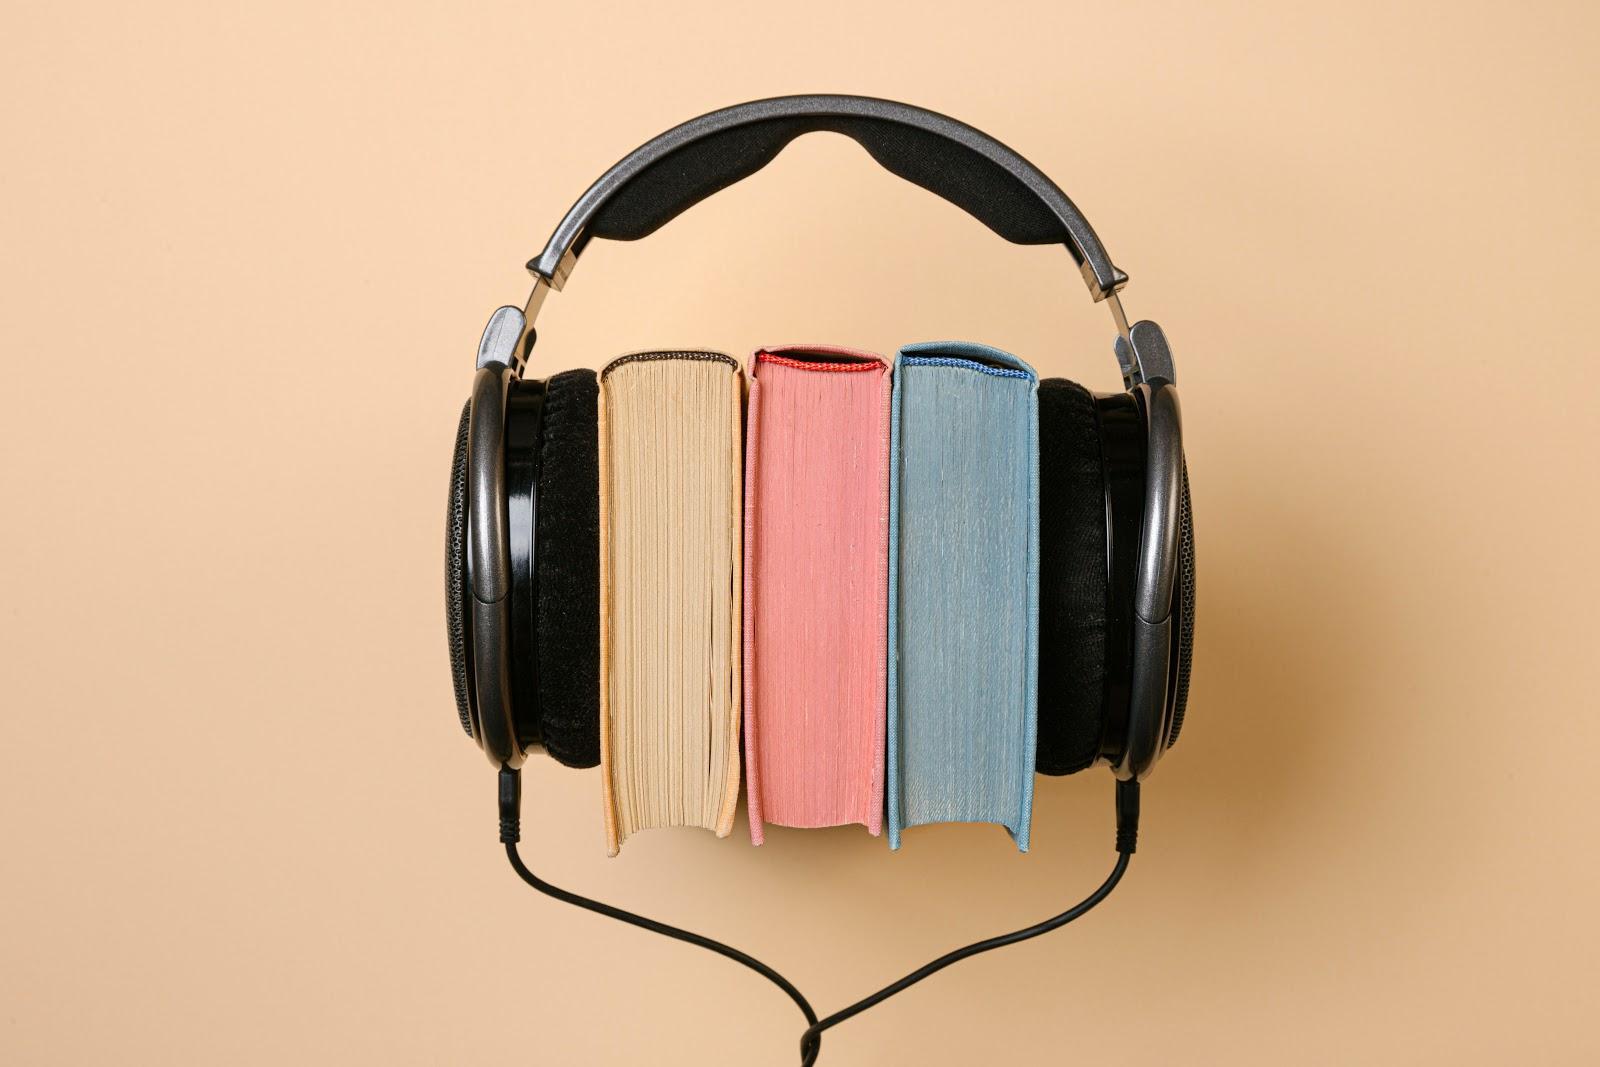 Développez votre audience de podcast avec ces 5 étapes simples - 3. Choisissez la bonne pochette de podcast